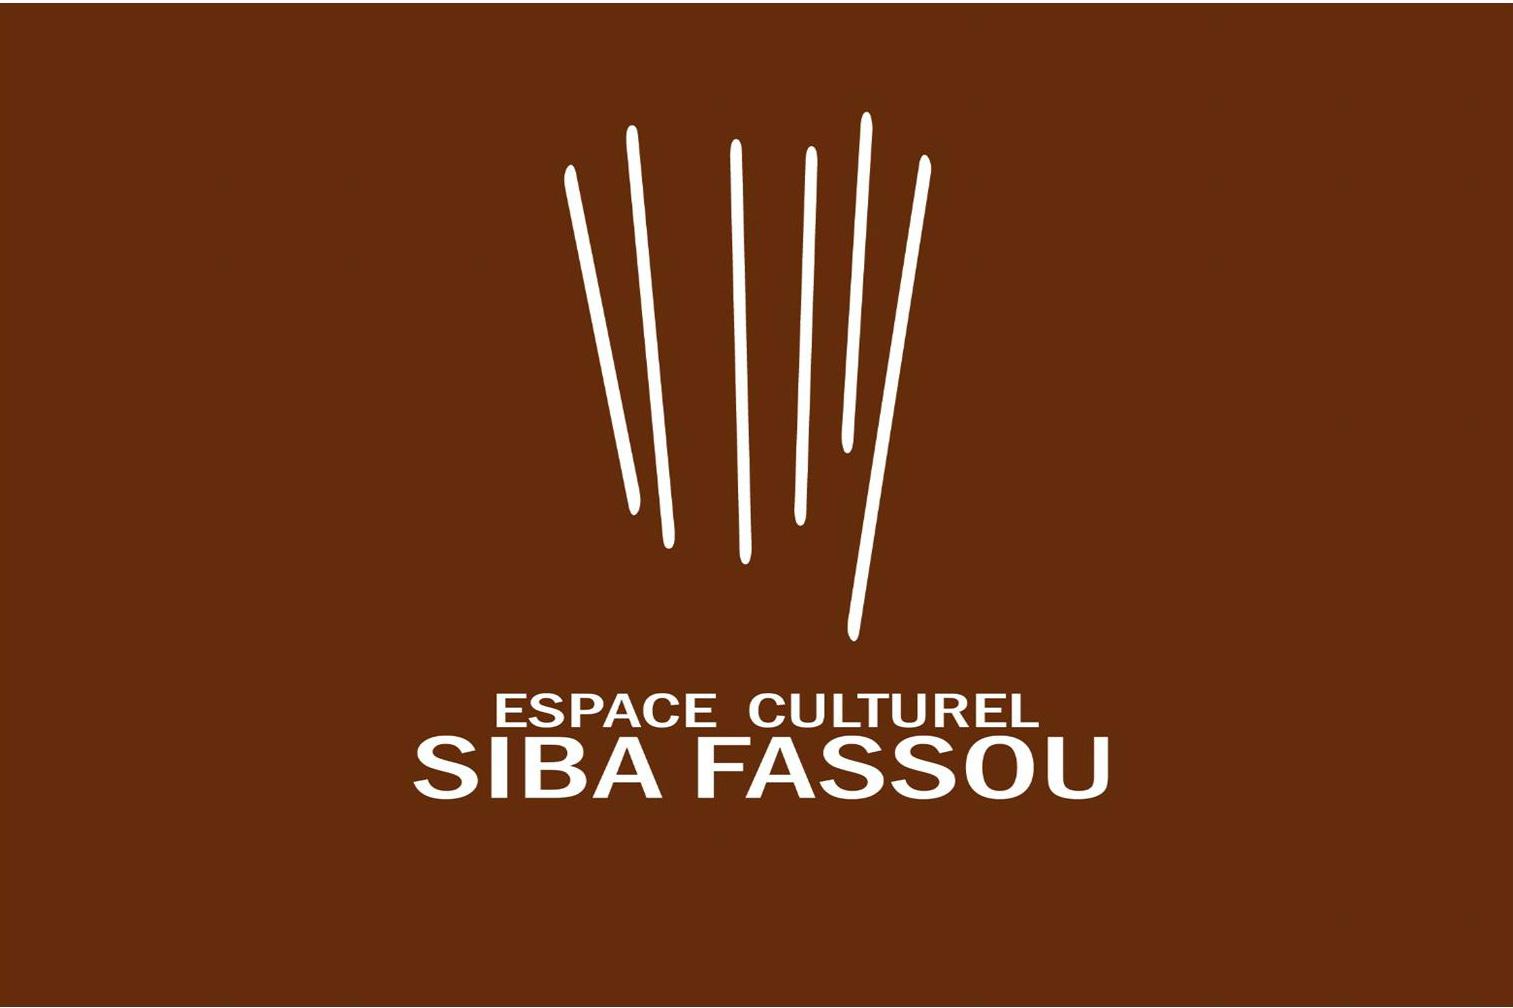 Logo de l'Espace Culturel Siba Fassou